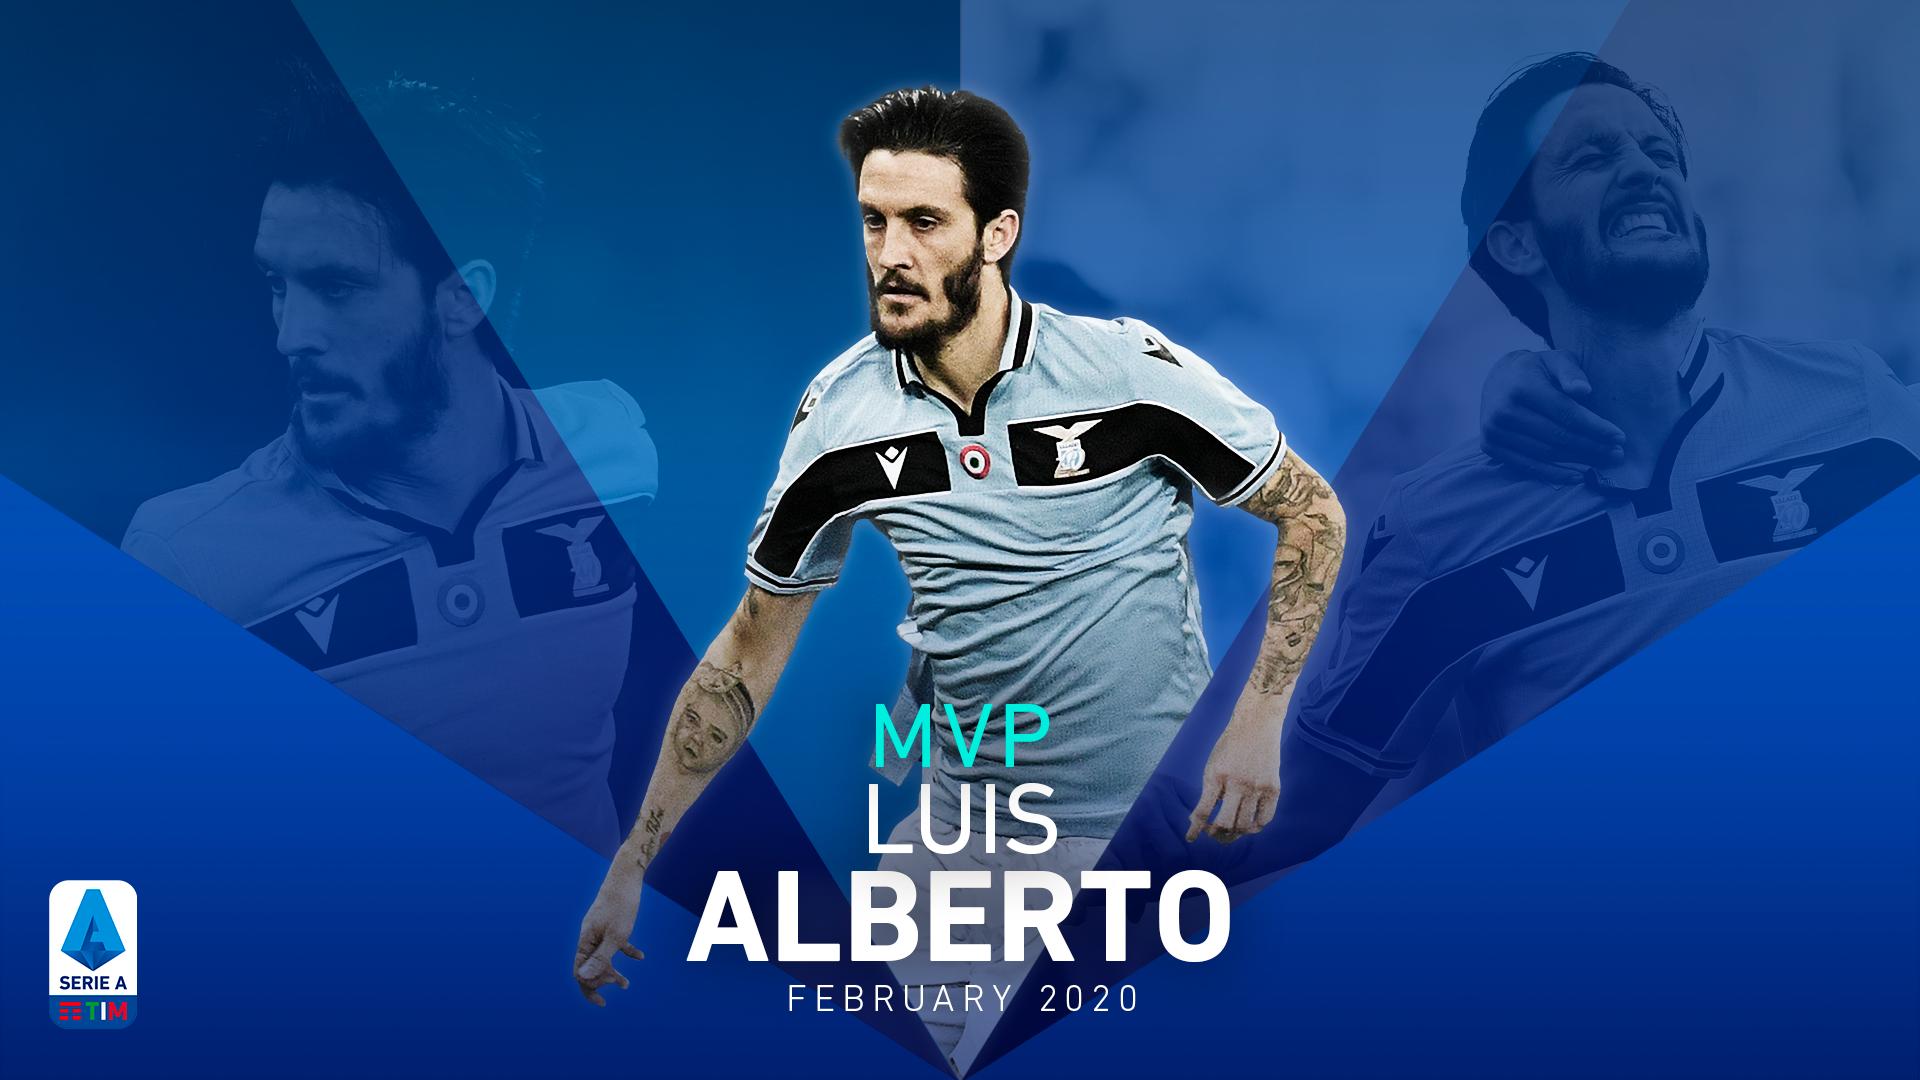 LUIS ALBERTO MVP FOR FEBRUARY